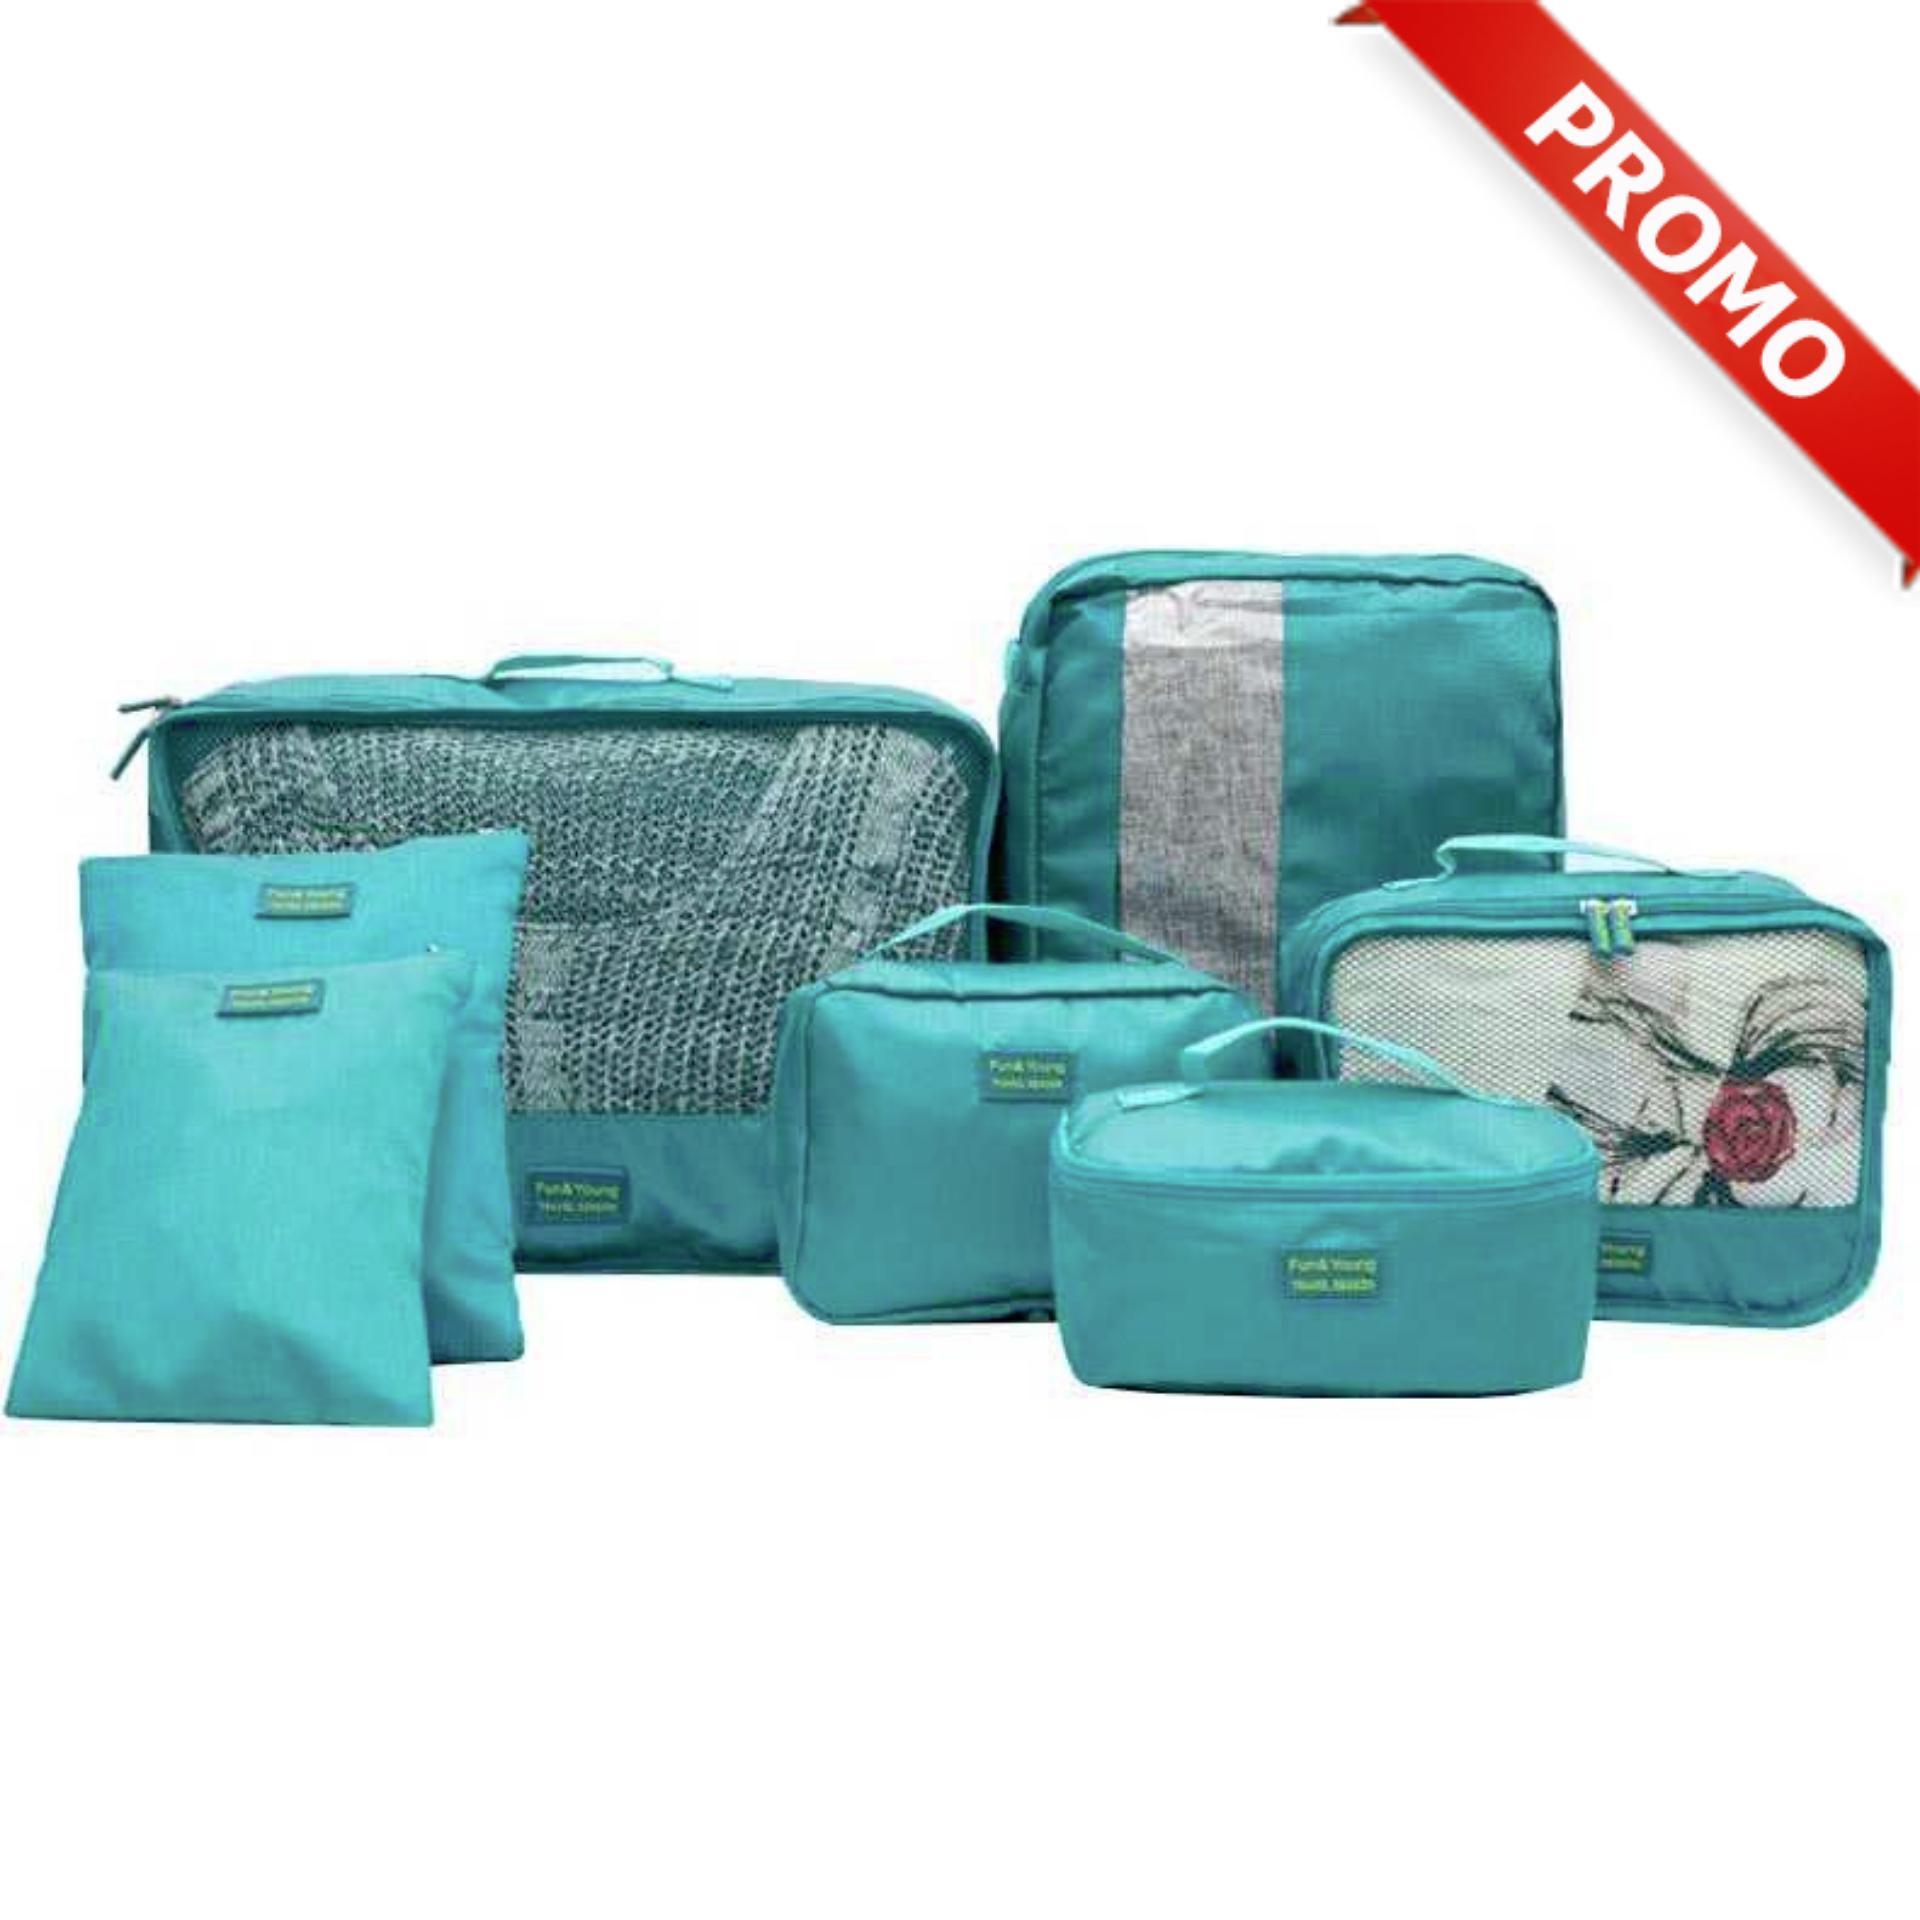 Korean Travel Toiletries Bag (Tas untuk tempat kosmetik) PROMO Tas Travel Bag in Bag Organizer 7 in 1 (7 buah tas)